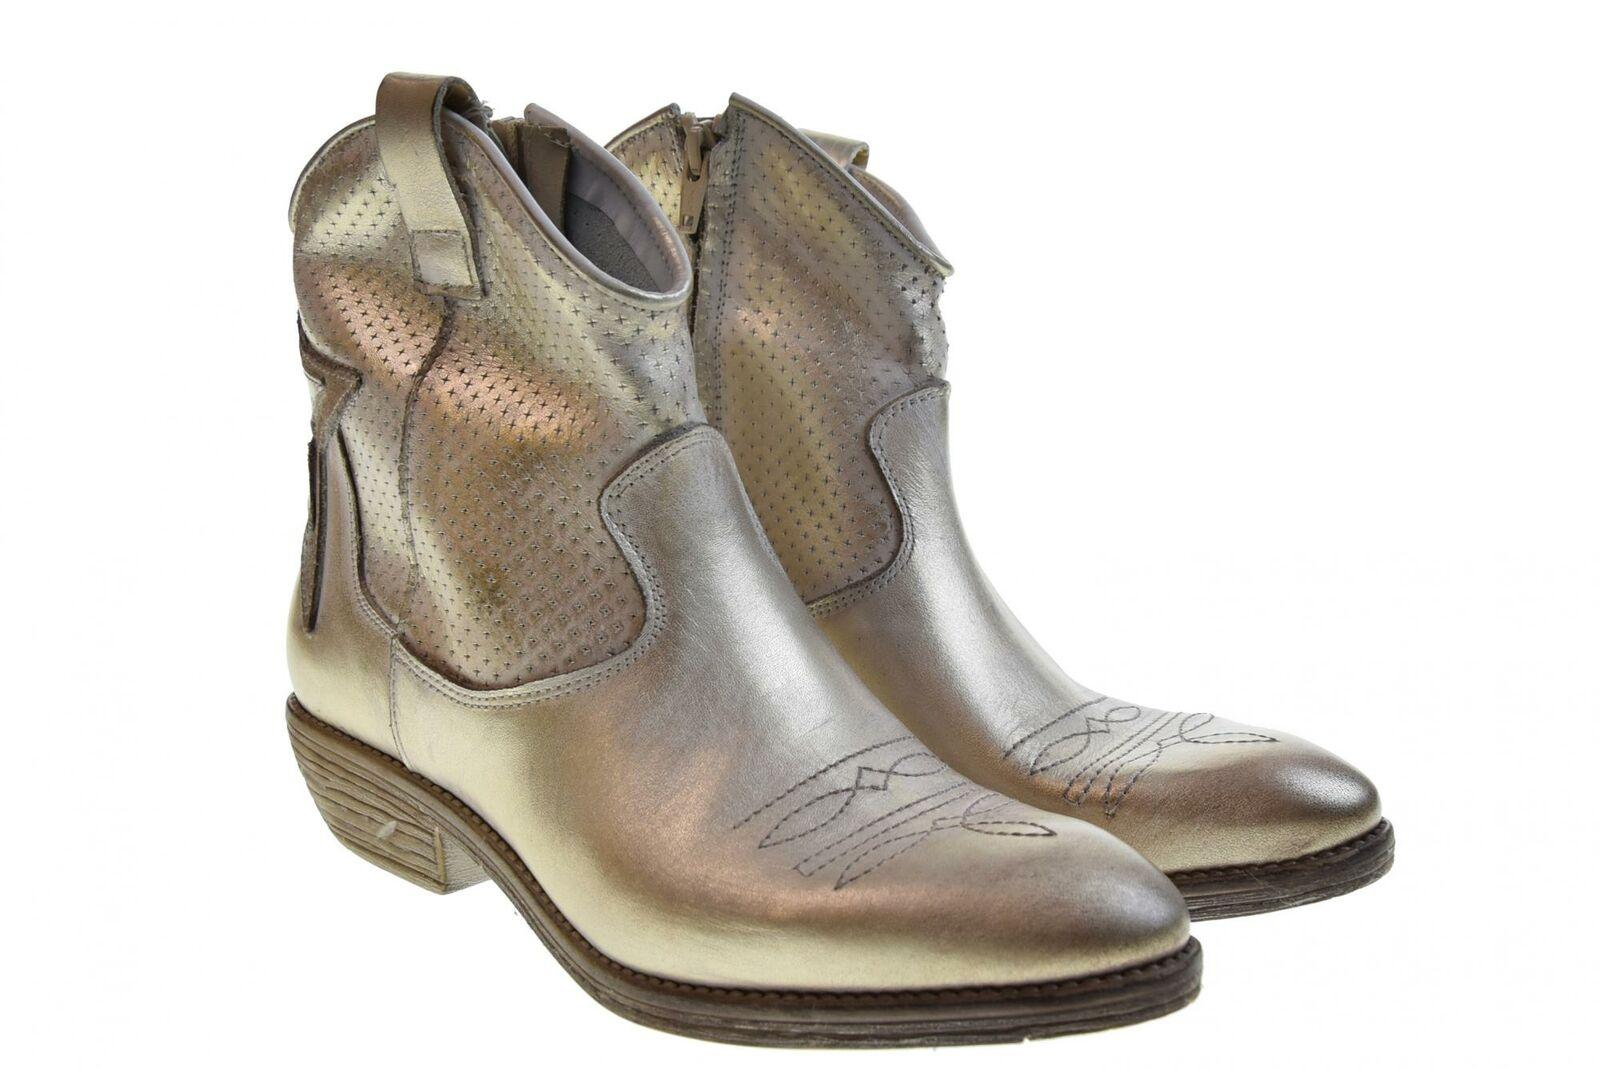 alta qualità e spedizione veloce Erman's scarpe donna stivaletto stivaletto stivaletto texano WEST oro P19  seleziona tra le nuove marche come